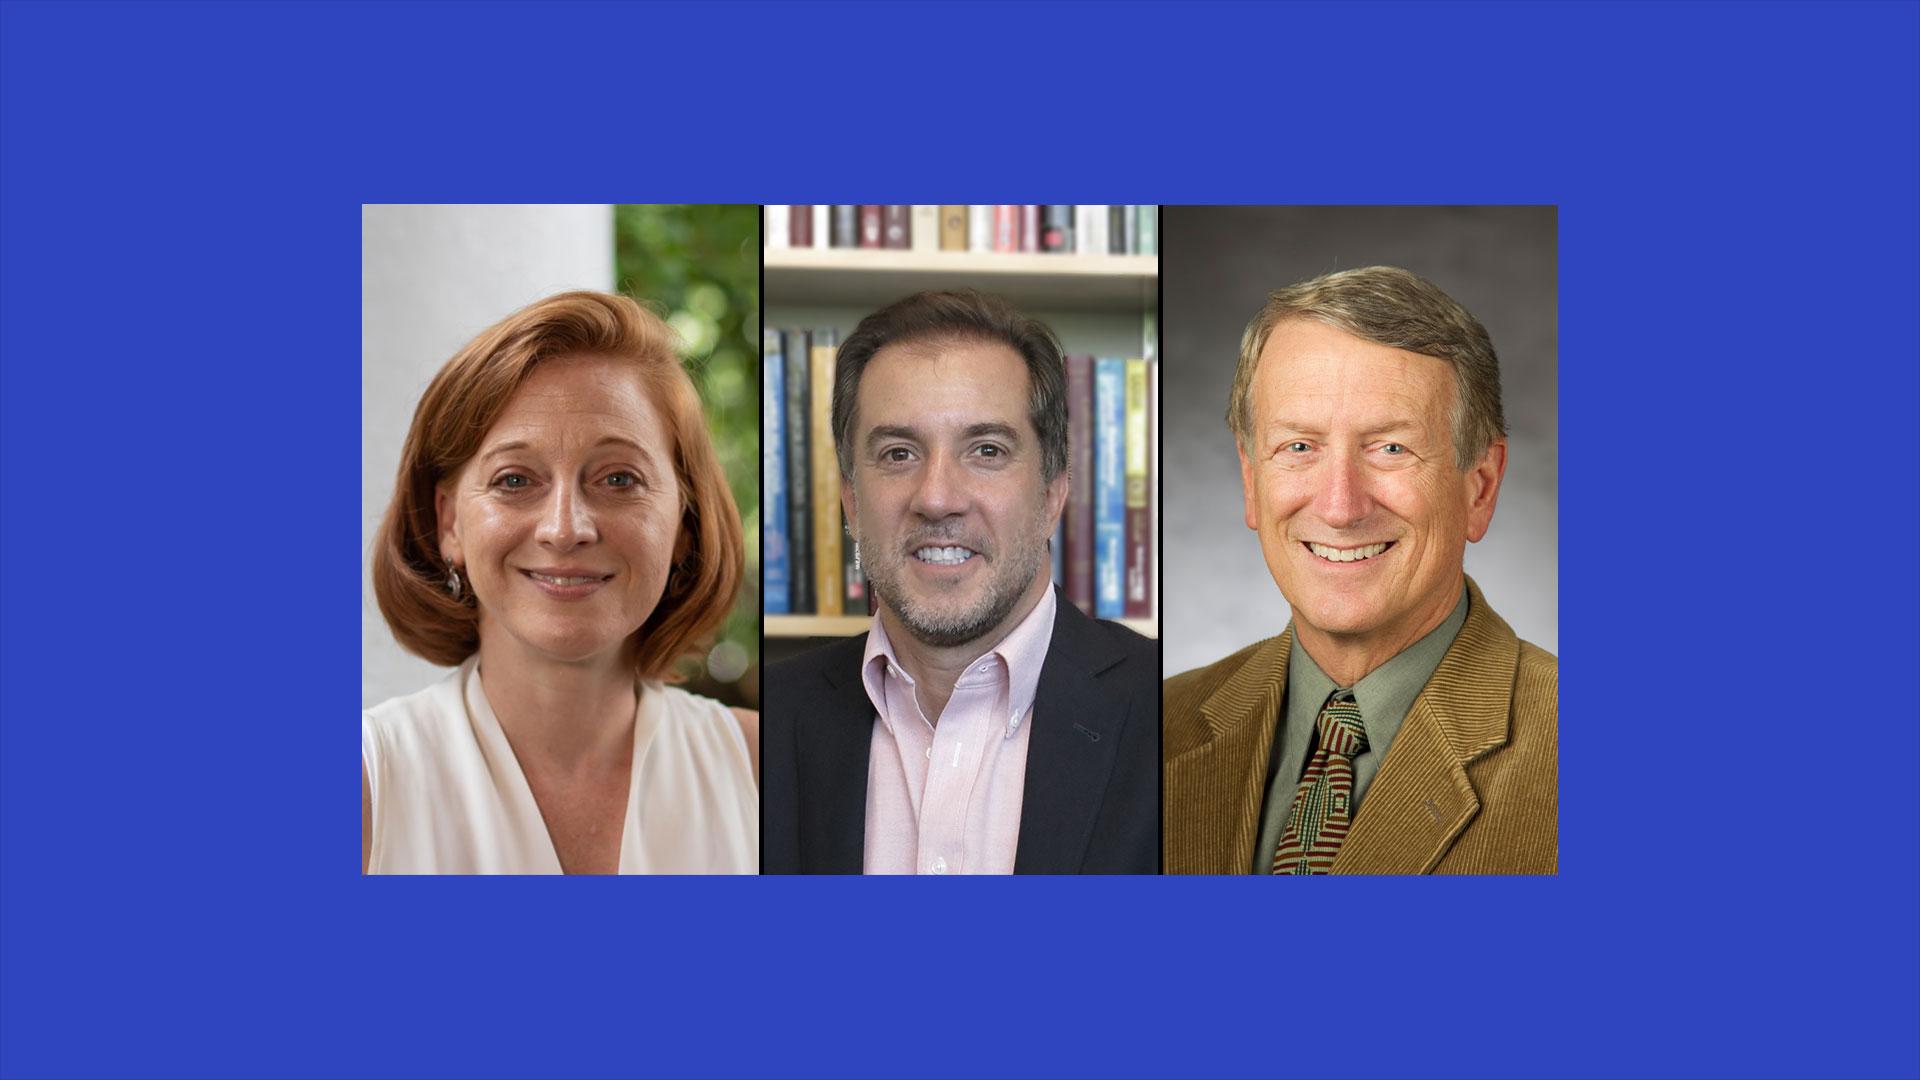 Jennifer Bair, Mark Anner, Gary Gereffi at Duke/DUCIGS